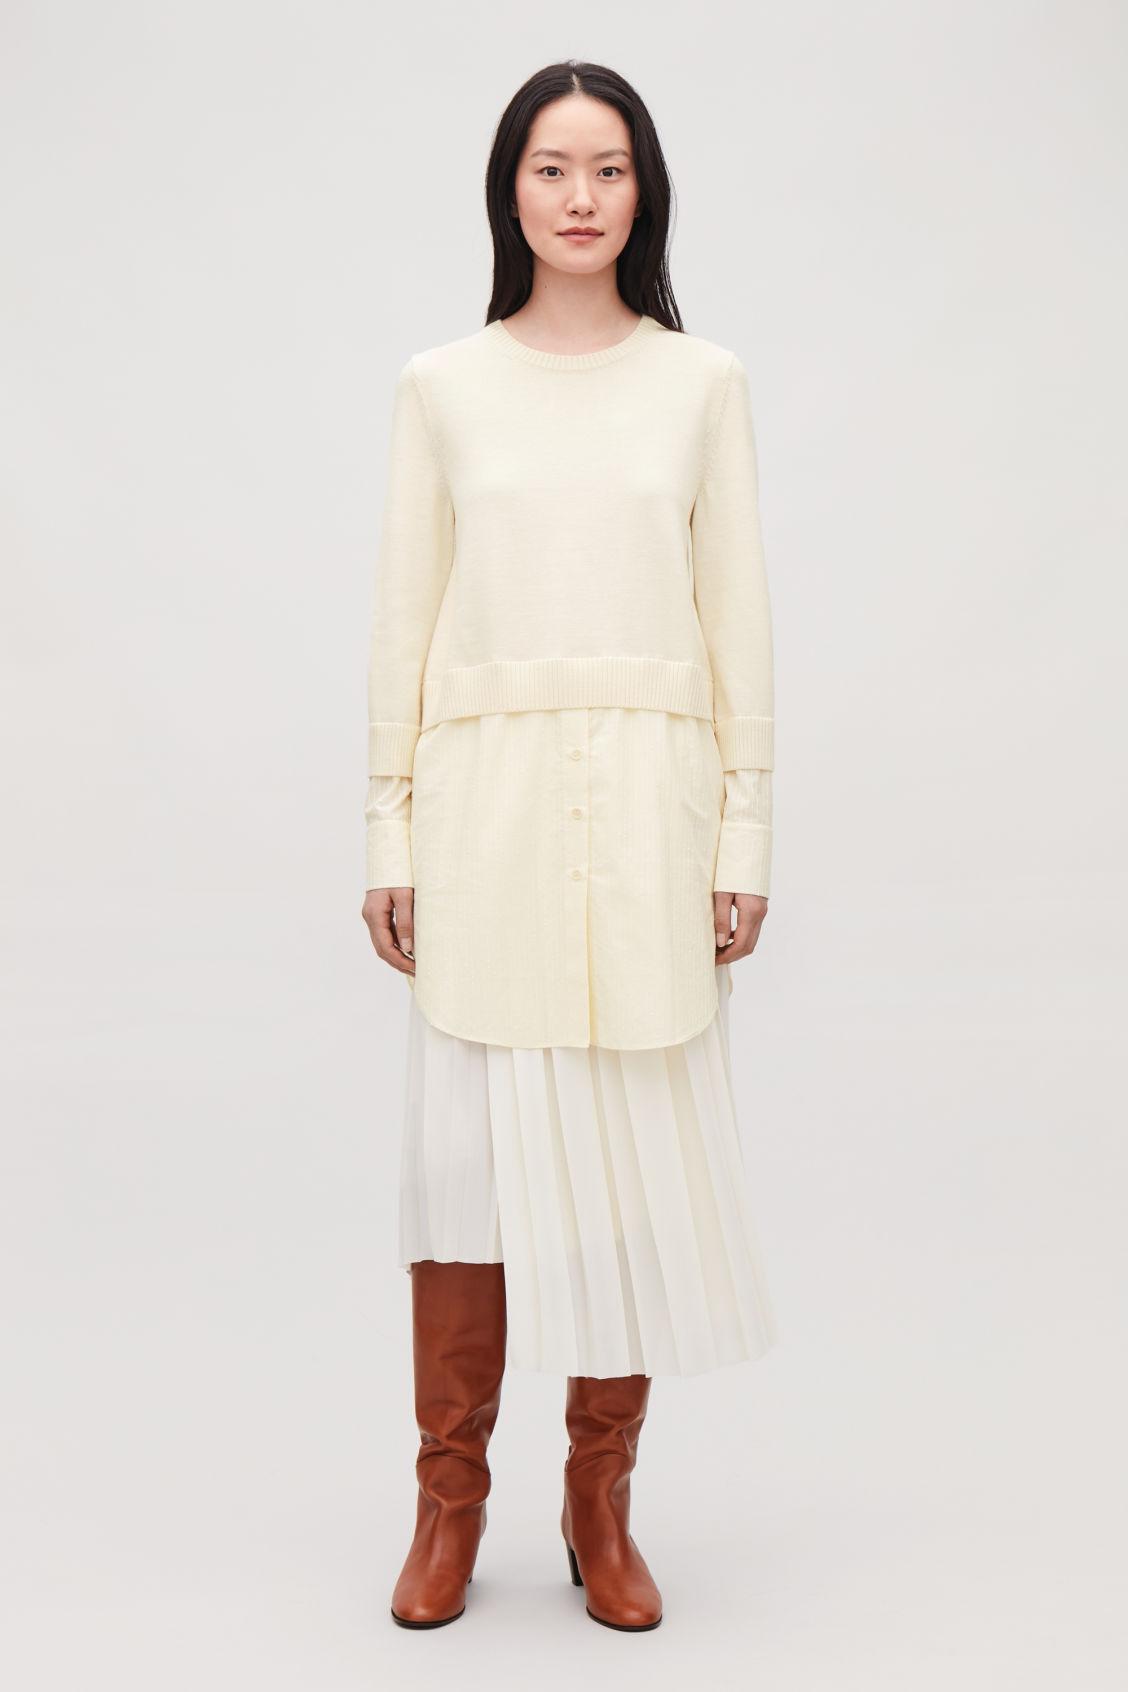 Shirt Layered Wool Knit Tunic Ivory Knitwear Cos